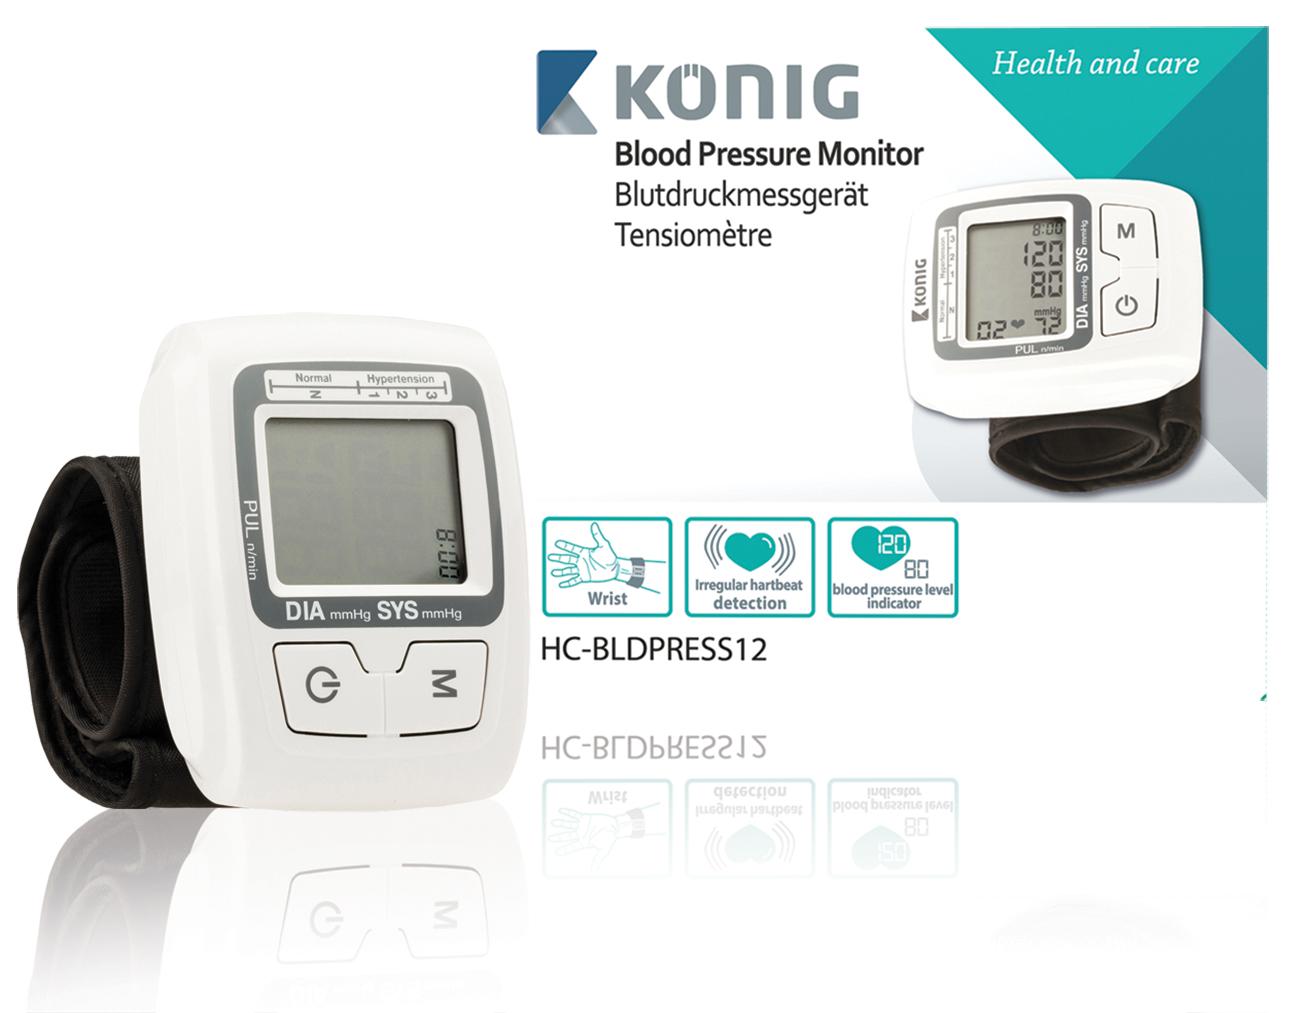 KÖNIG Automatický měřič krevního tlaku na zápěstí - HC-BLDPRESS12